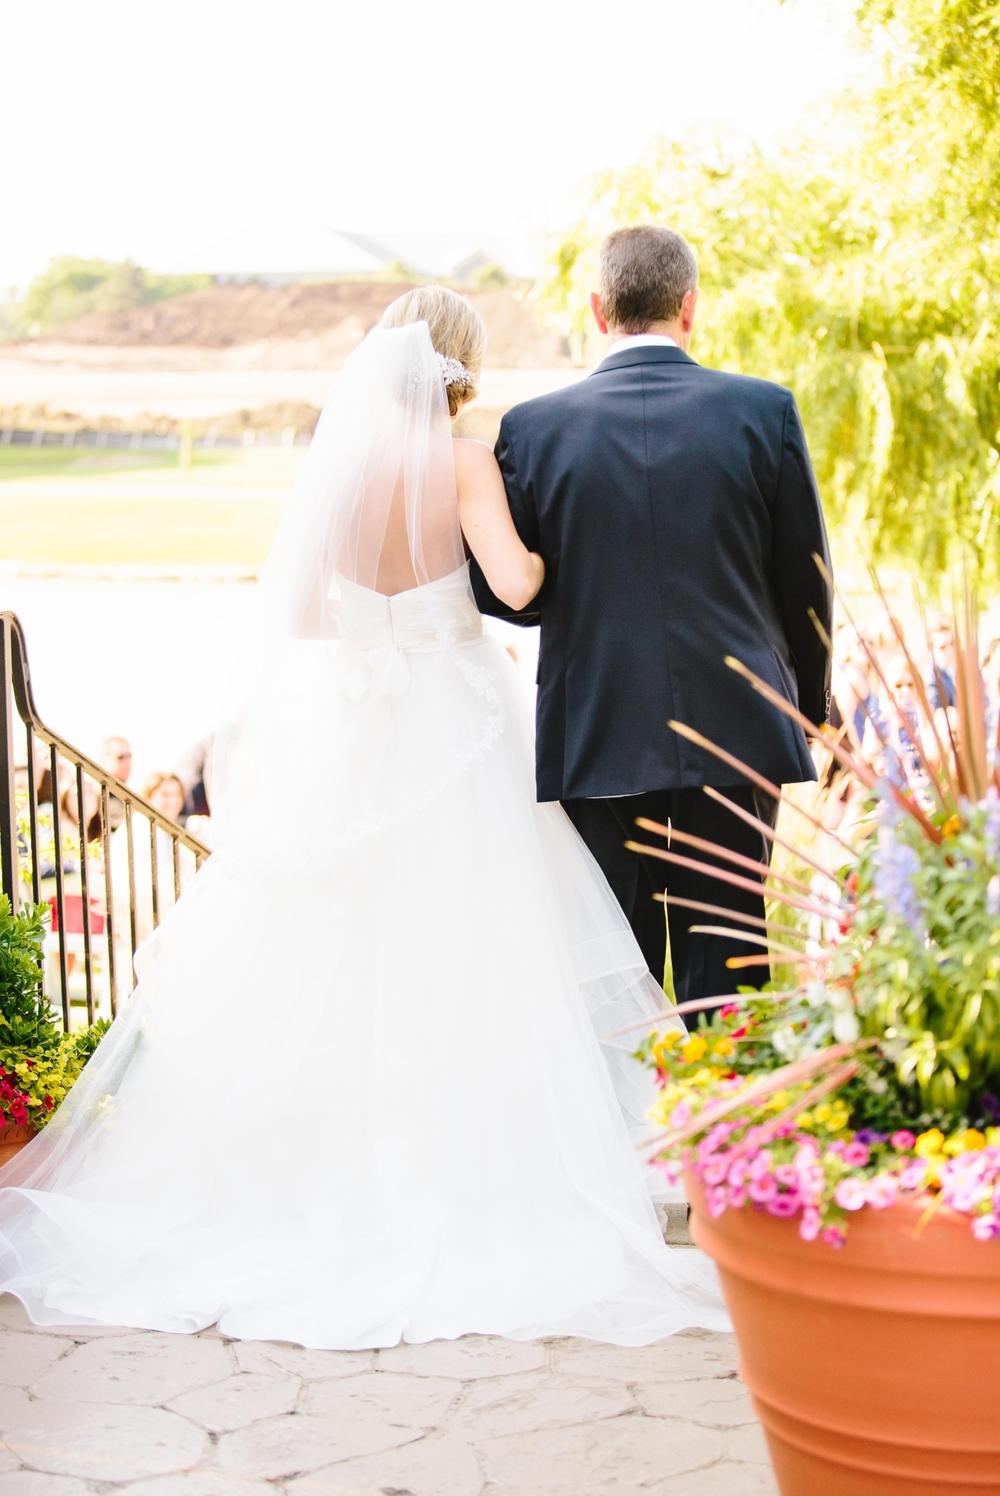 chicago-fine-art-wedding-photography-santora26